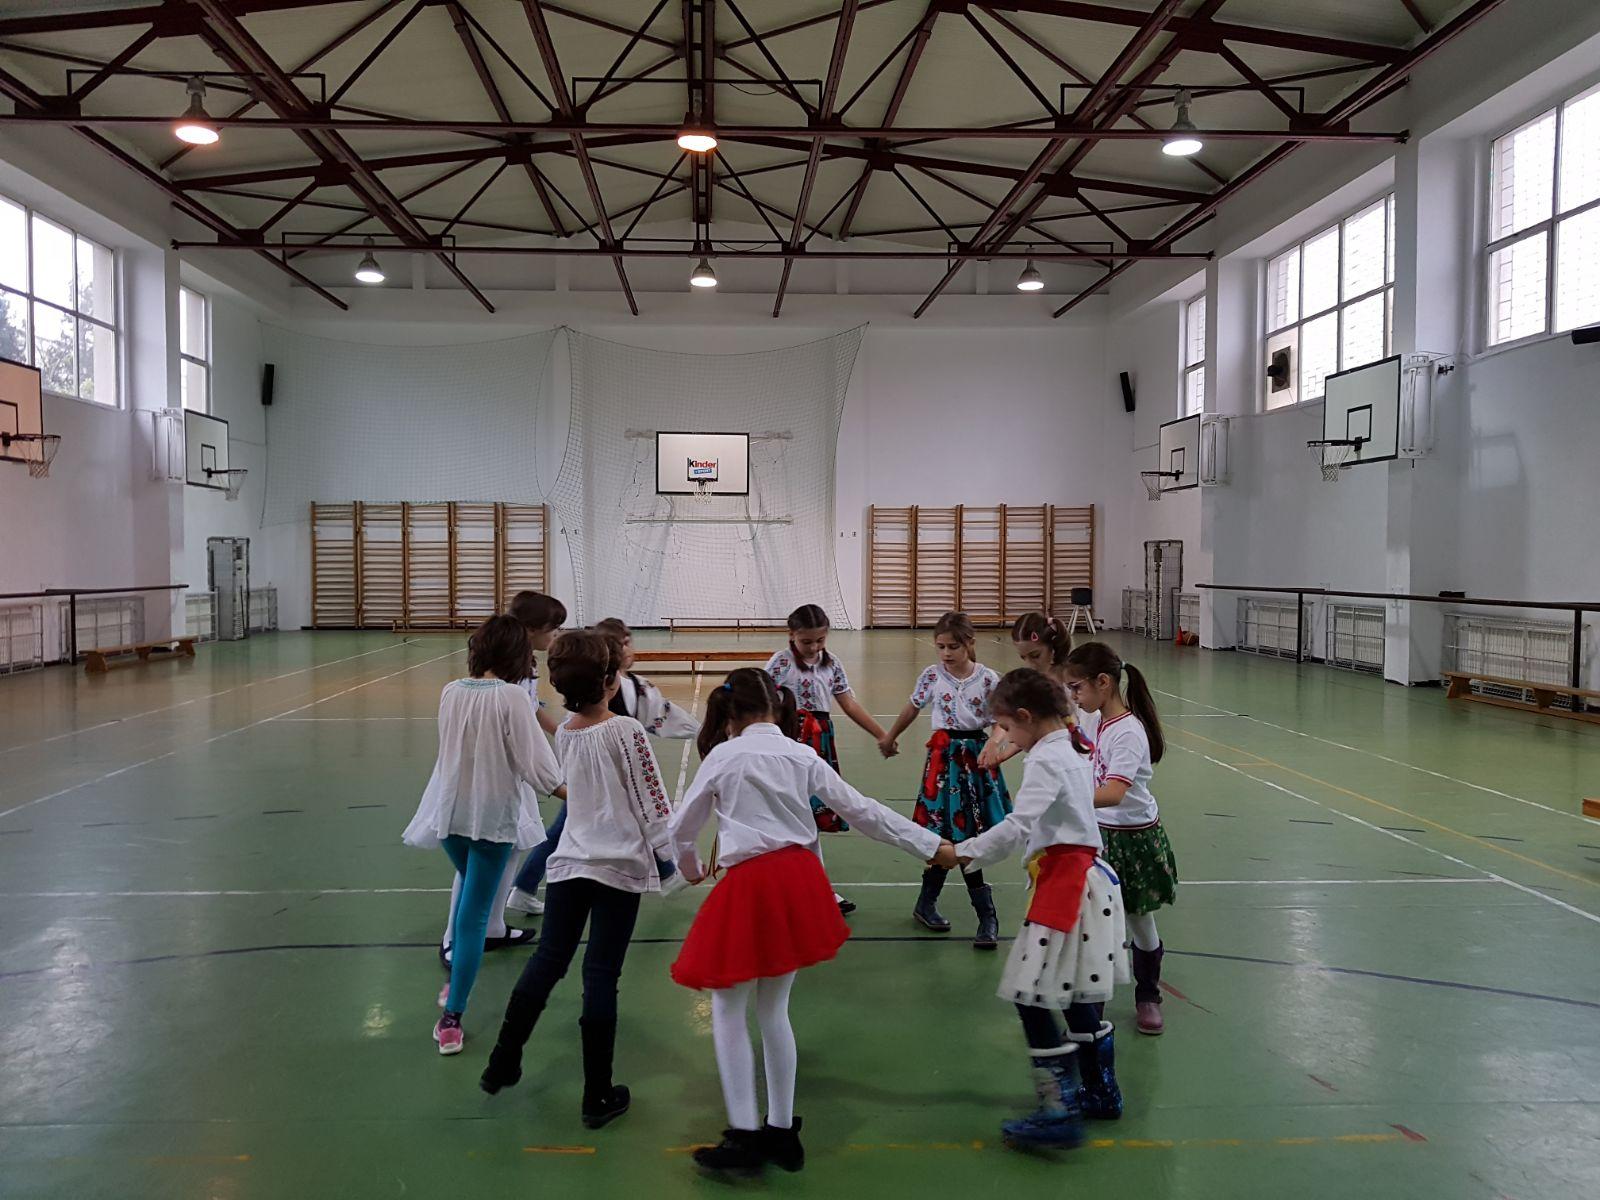 http://www.scoala12bucuresti.ro/site/wp-content/uploads/2017/12/11.jpg